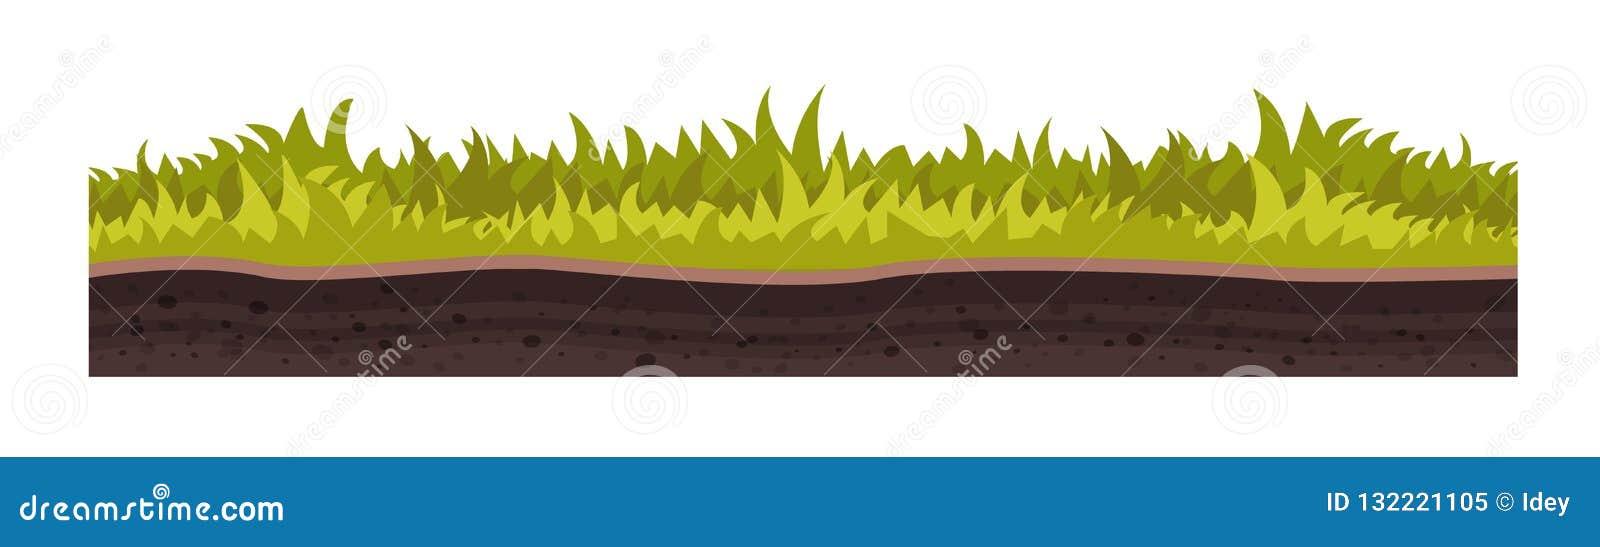 Tekstura ziemia, z trawą, gazon, roślinność